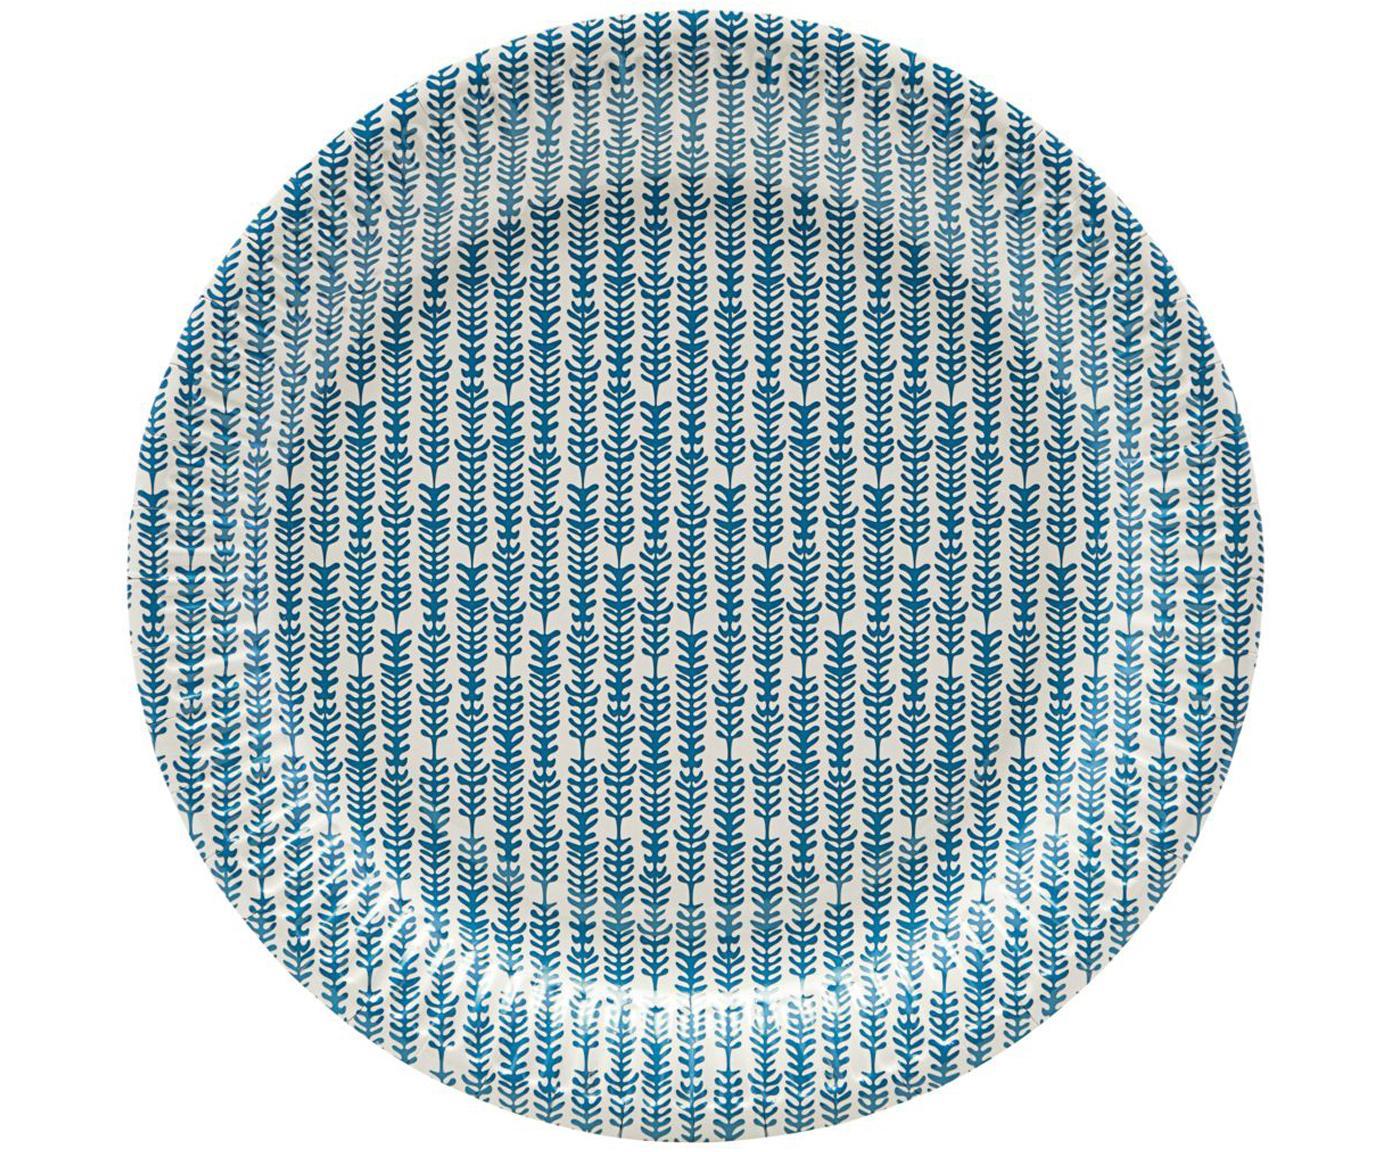 Papieren borden Branch, 12 stuks, Papier, Blauw, wit, Ø 23 x H 1 cm